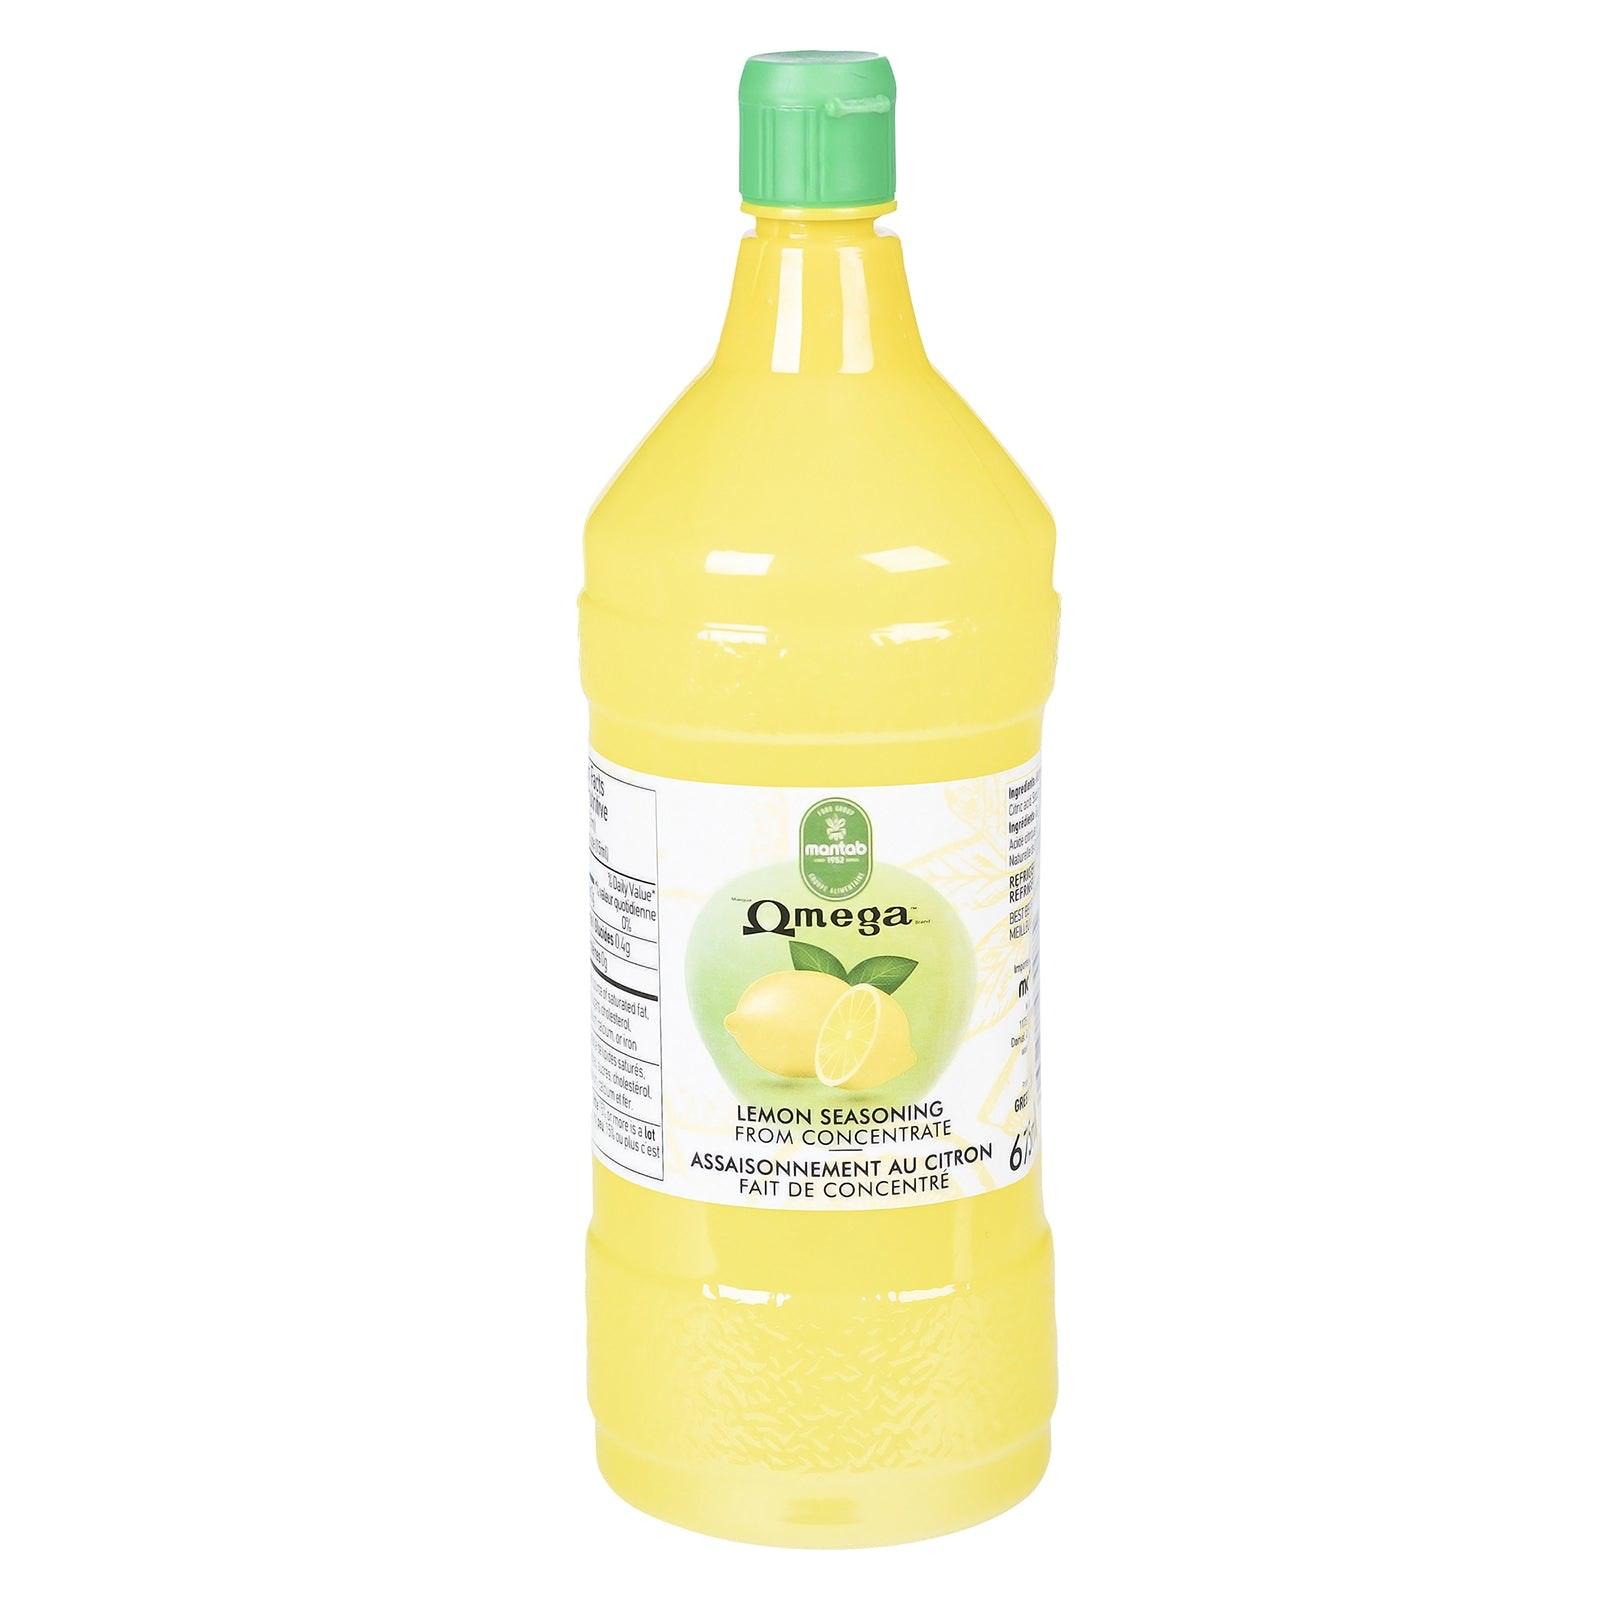 OMEGA Lemon juice